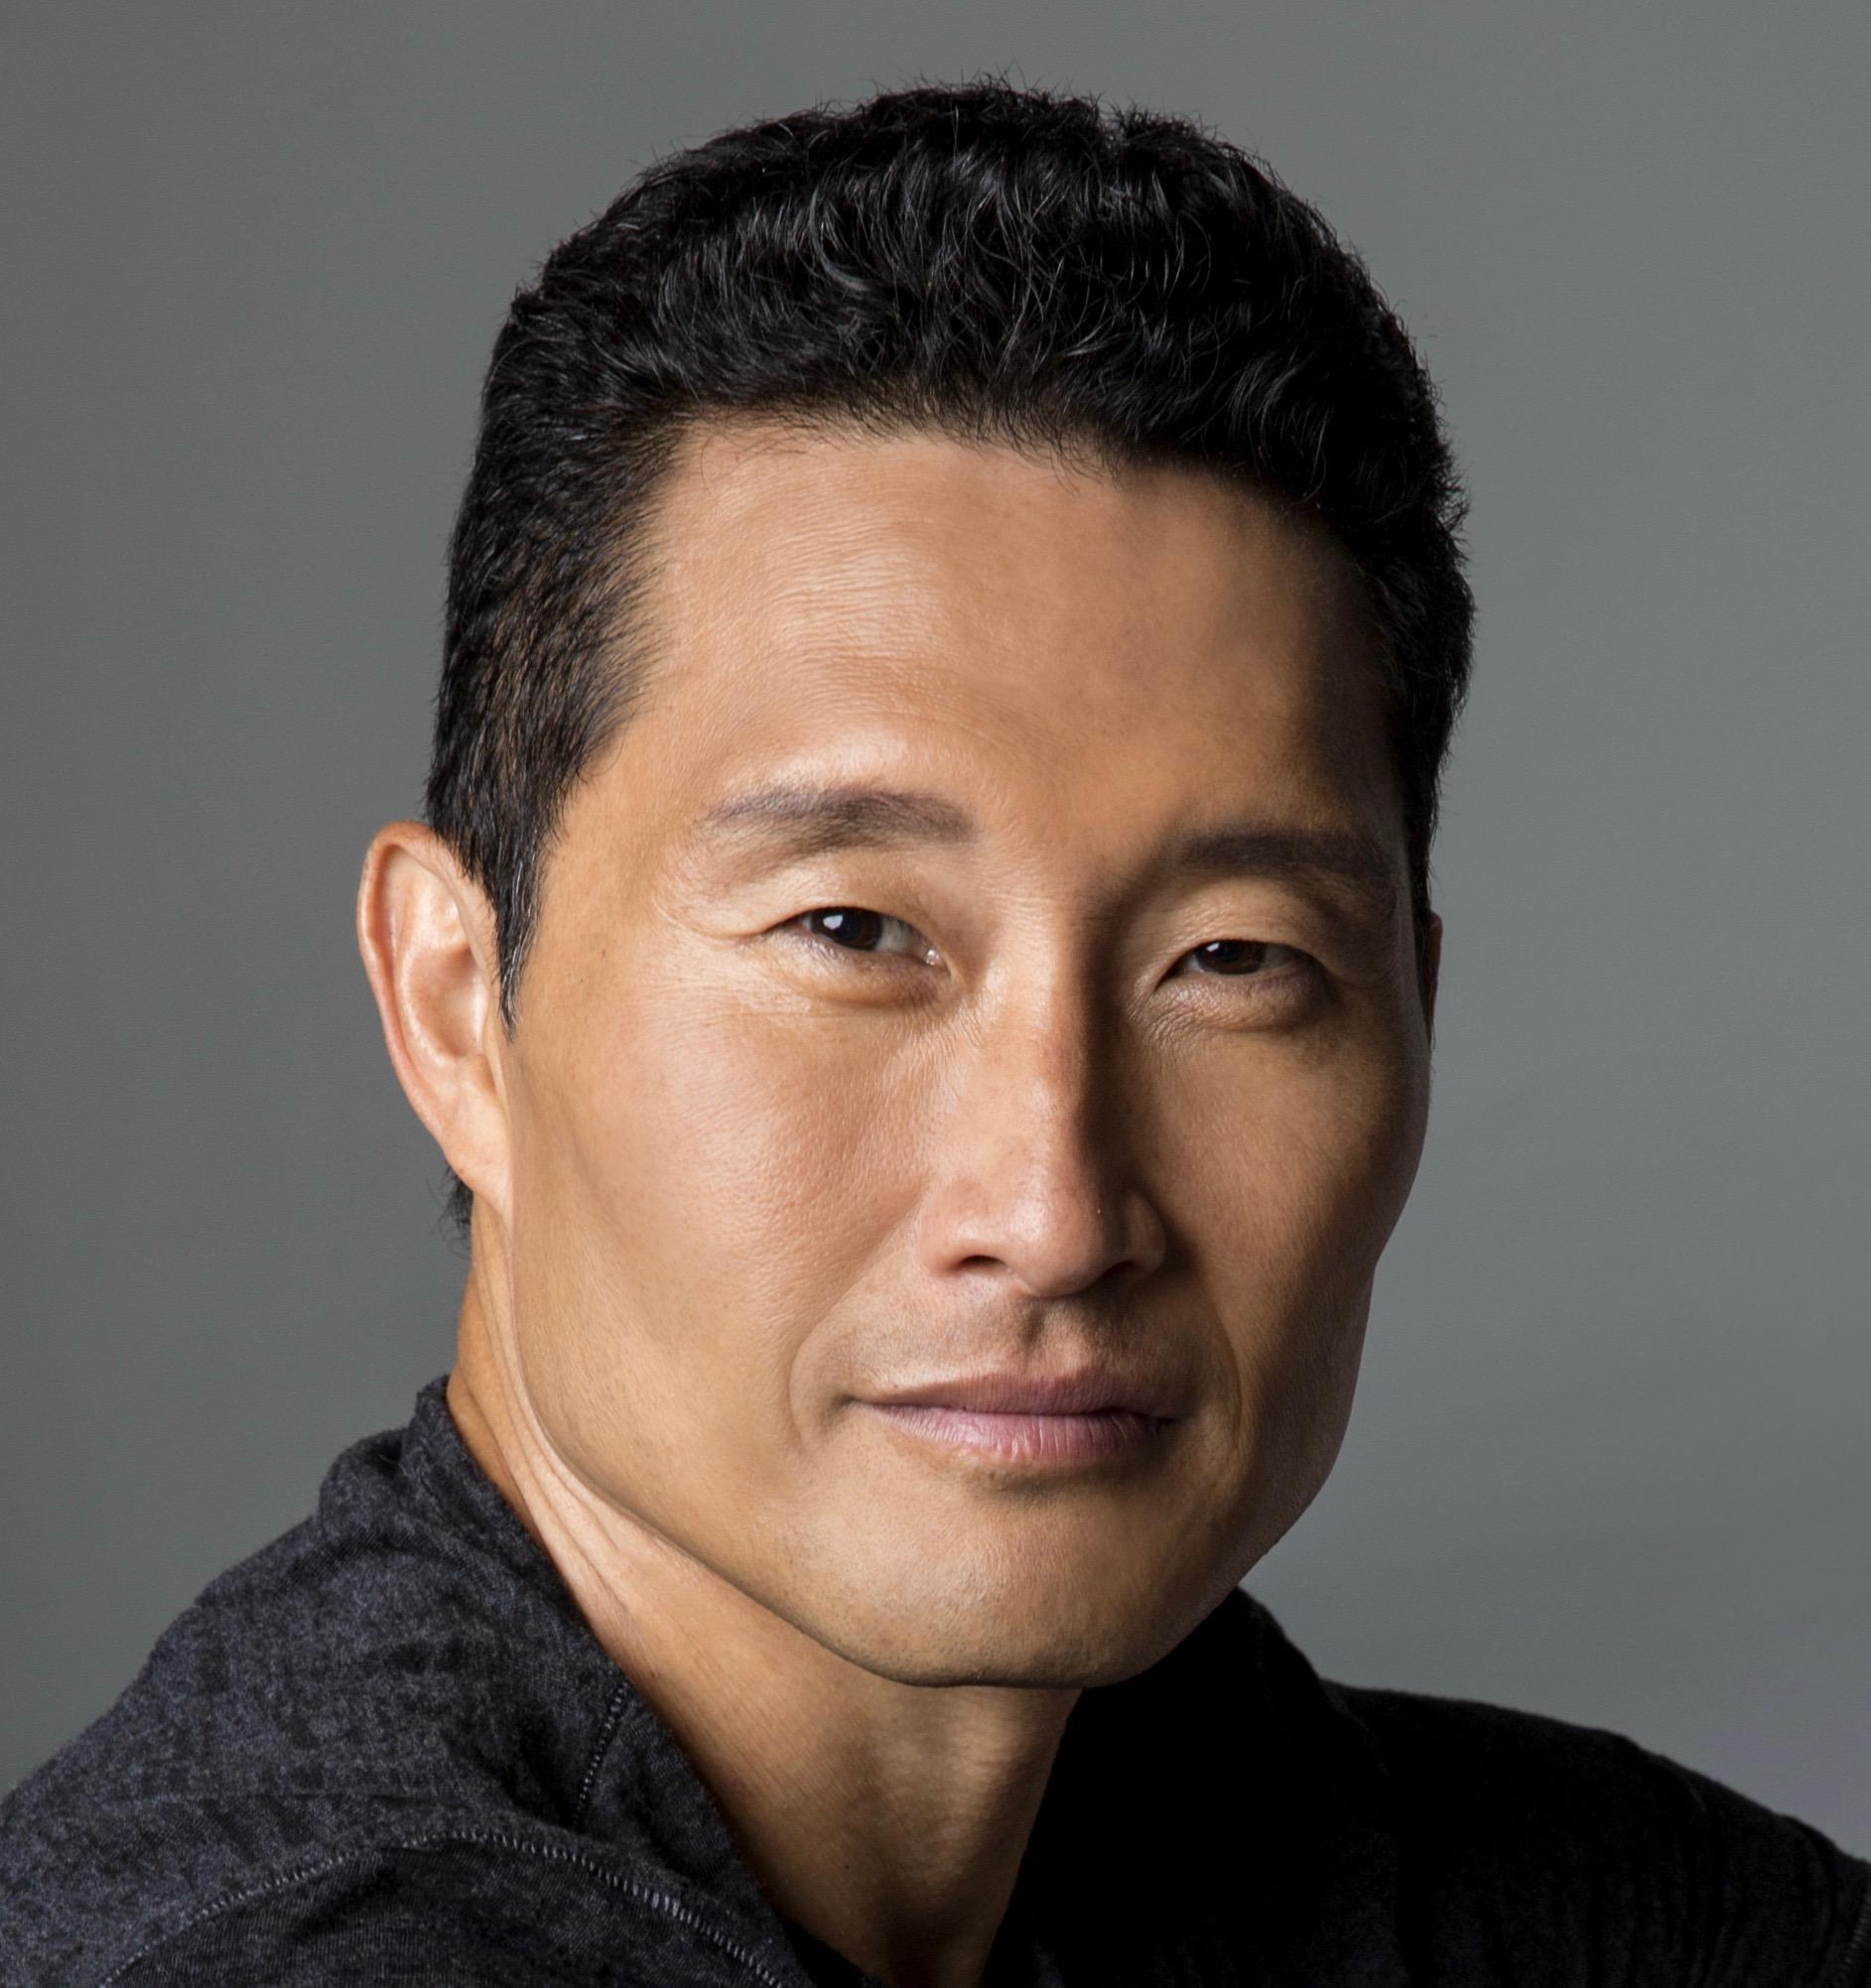 Daniel Dae Kim's primary photo